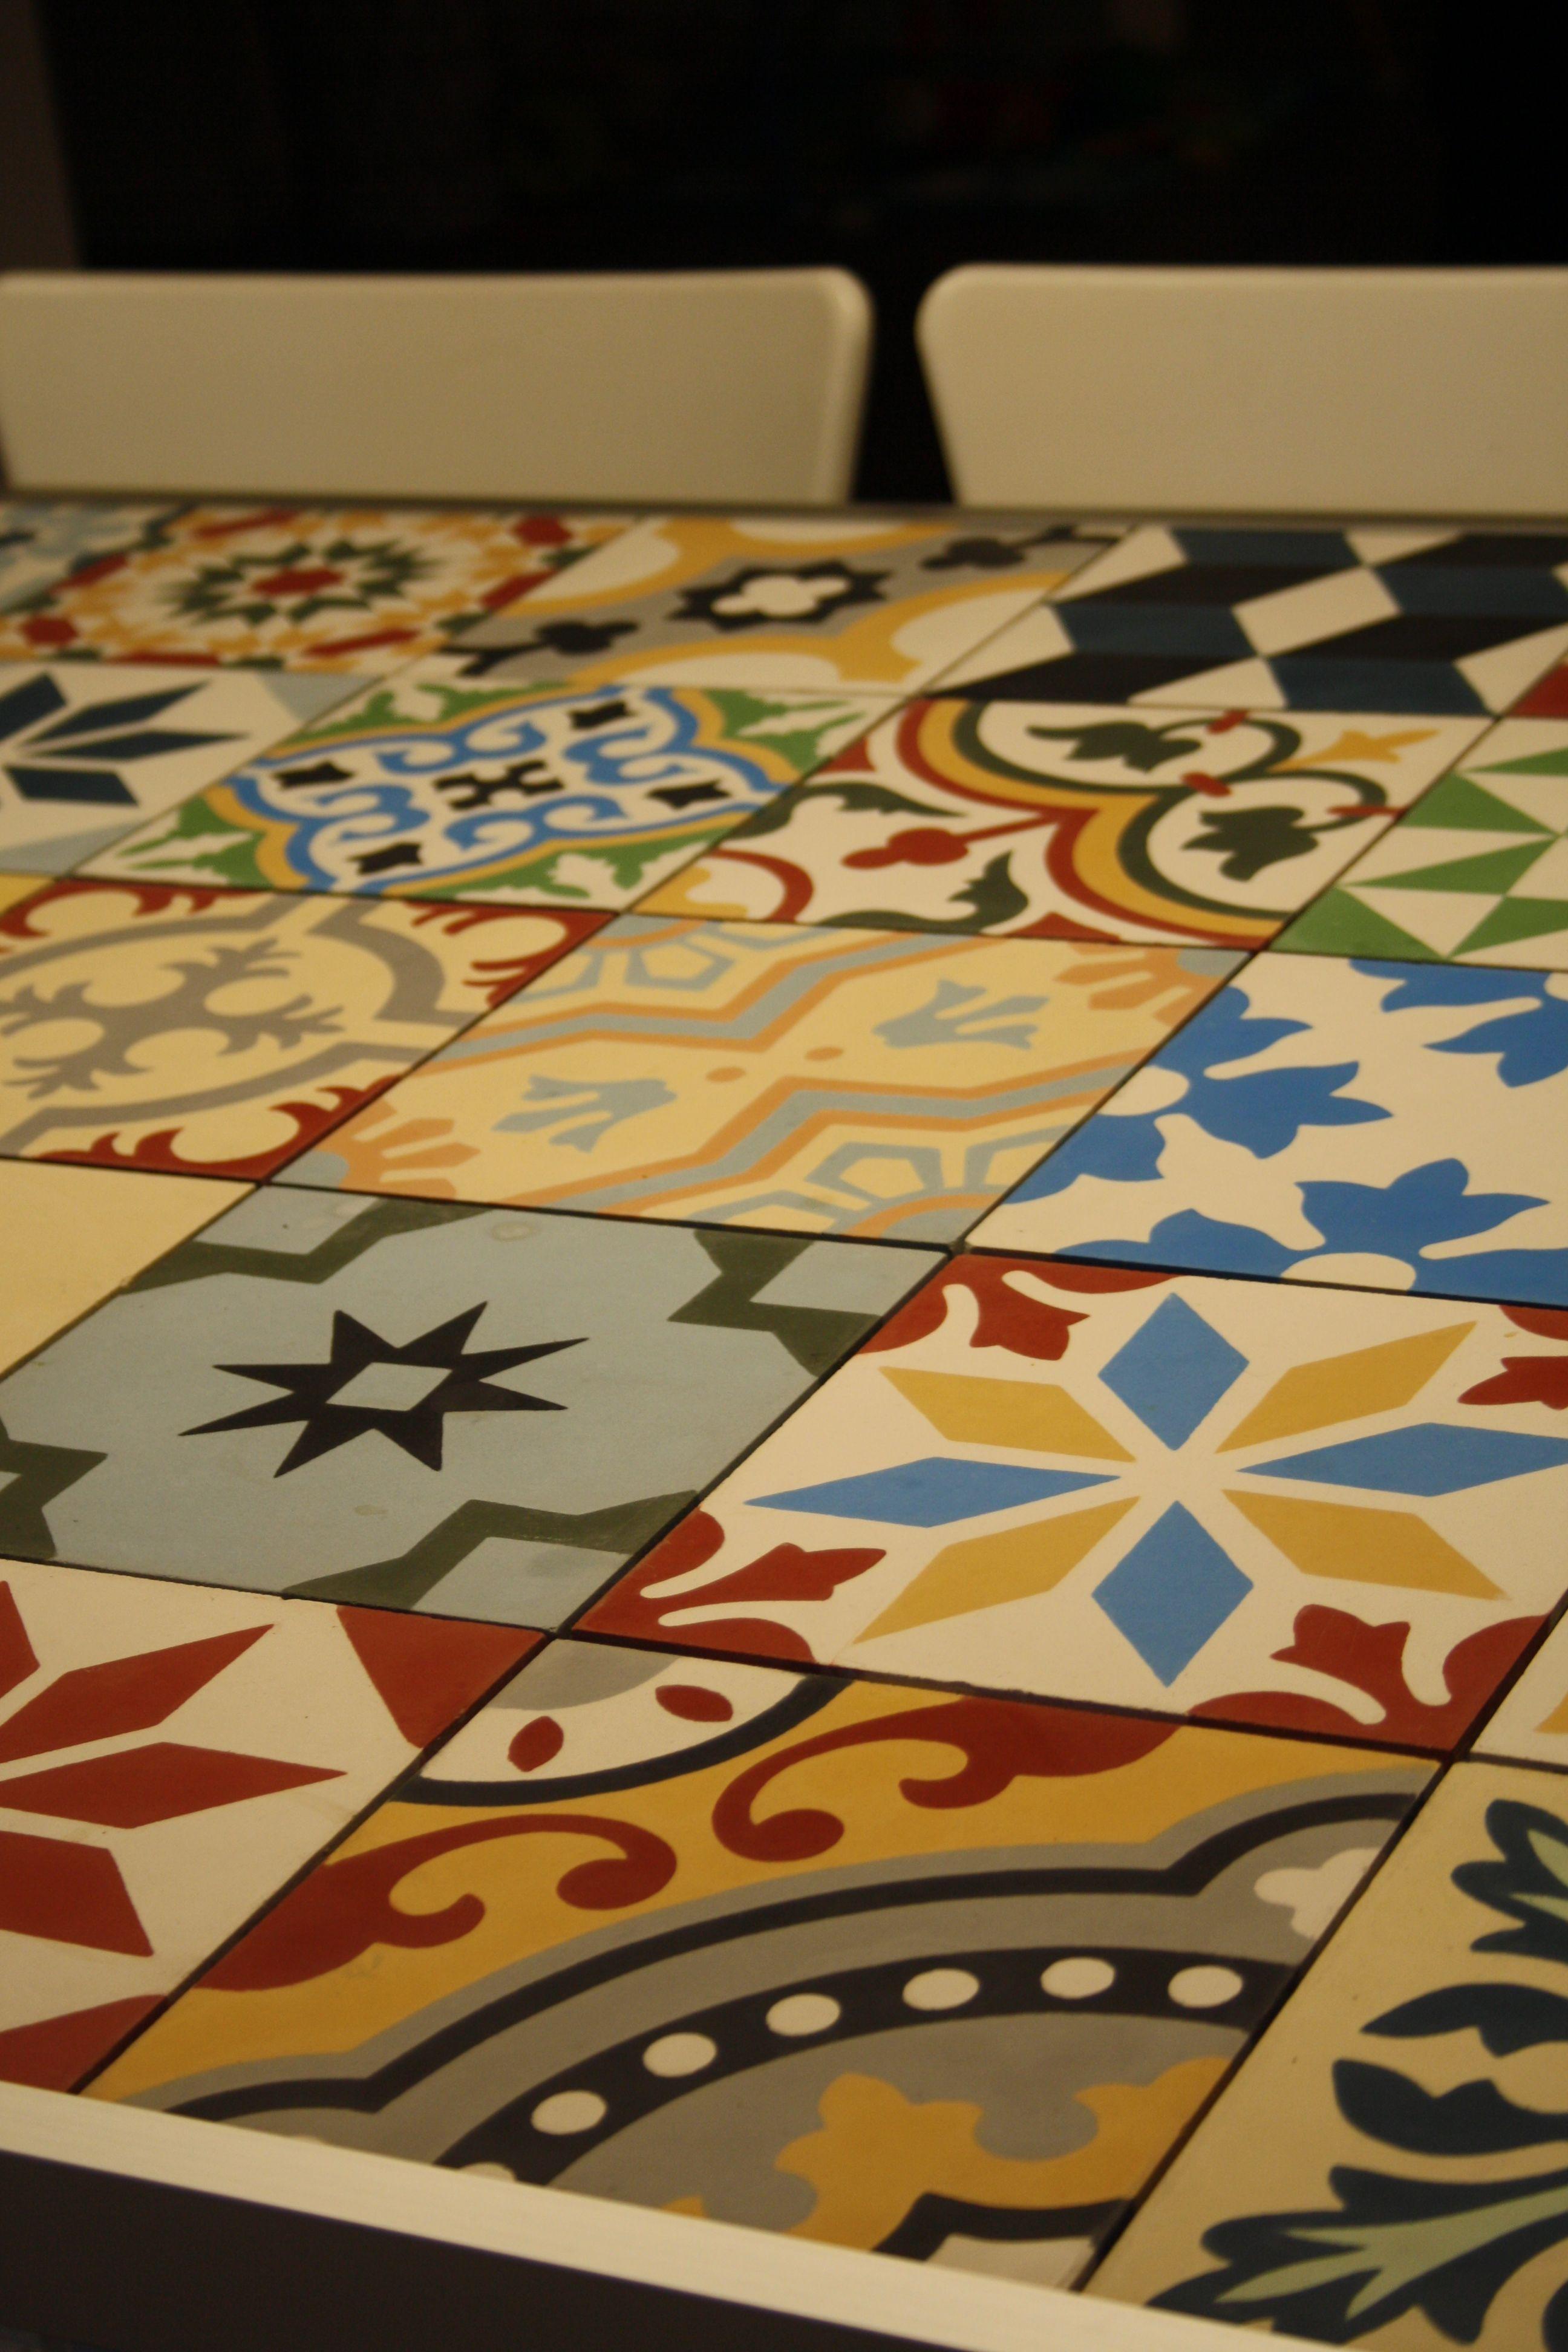 Zementfliesen Patchwork articima zementfliesen patchwork articima encaustic tiles